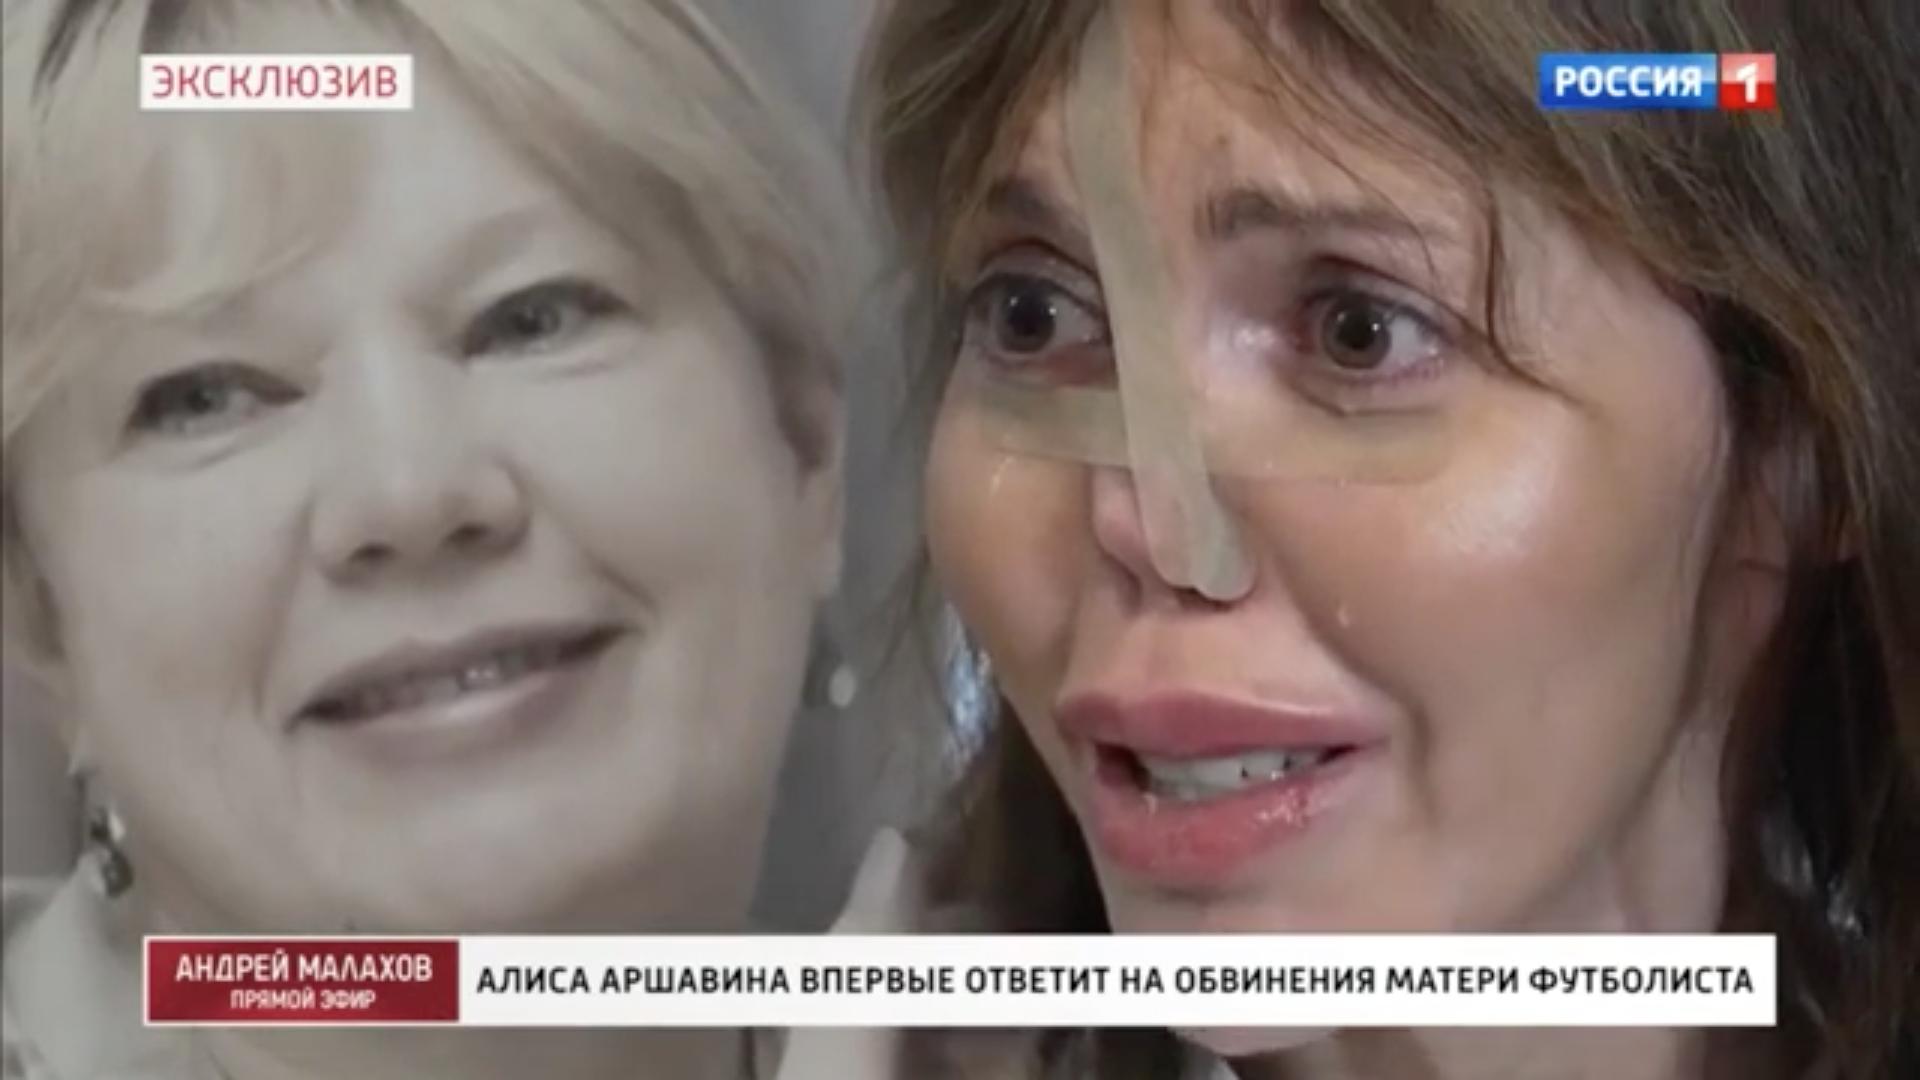 Слева — мать Андрея Аршавина. Скриншот © Telegram / YOBAJUR